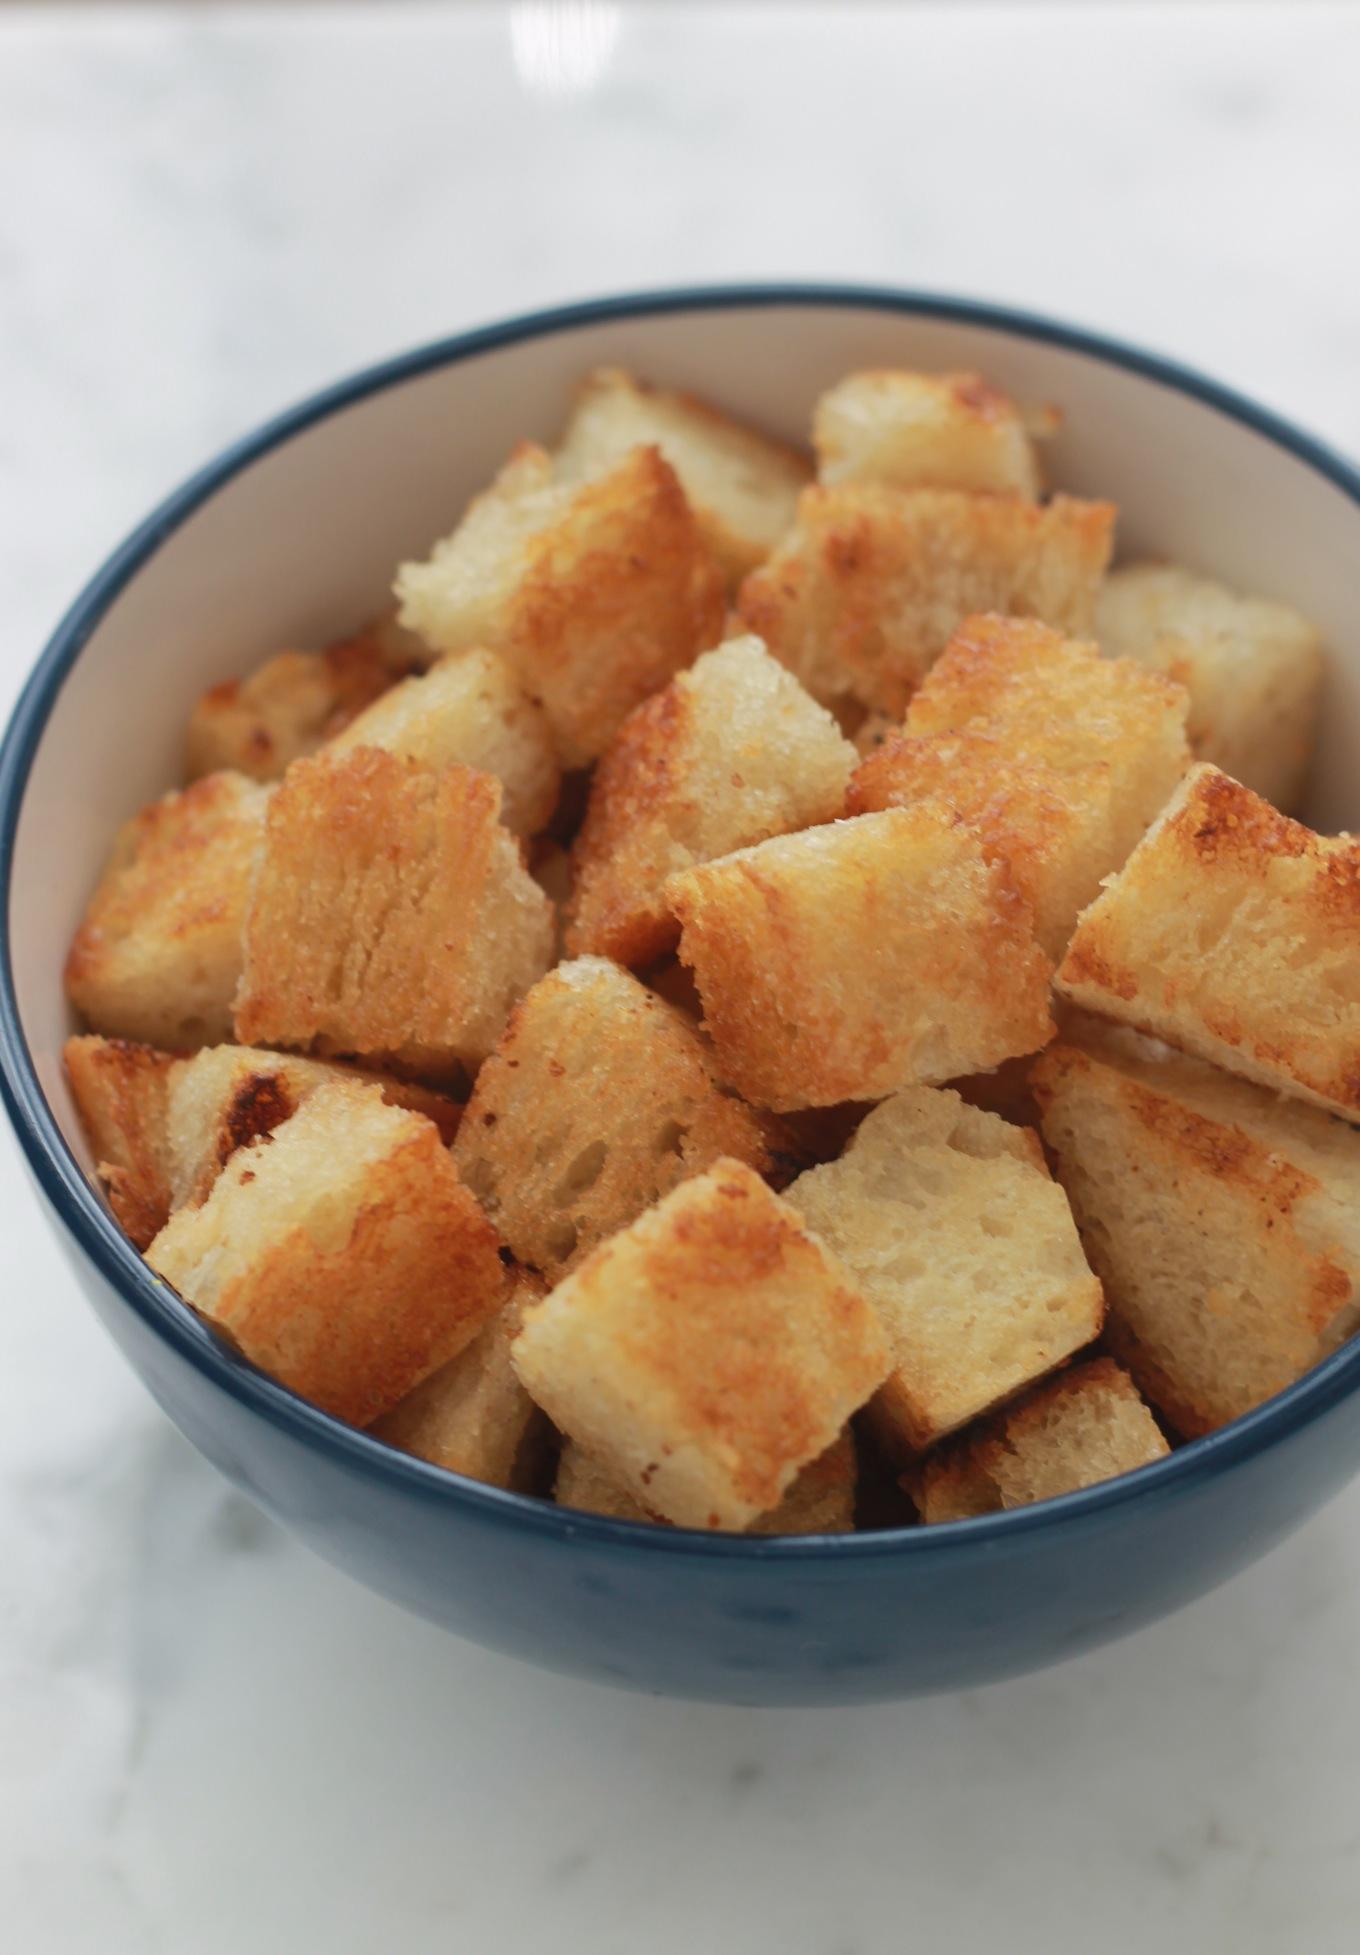 Ces croûtons à l'ail sont très savoureux, faciles à faire et économiques. Parfaits avec les soupes et pour ajouter du croquant à vos salades. | cuisineculinaire.com